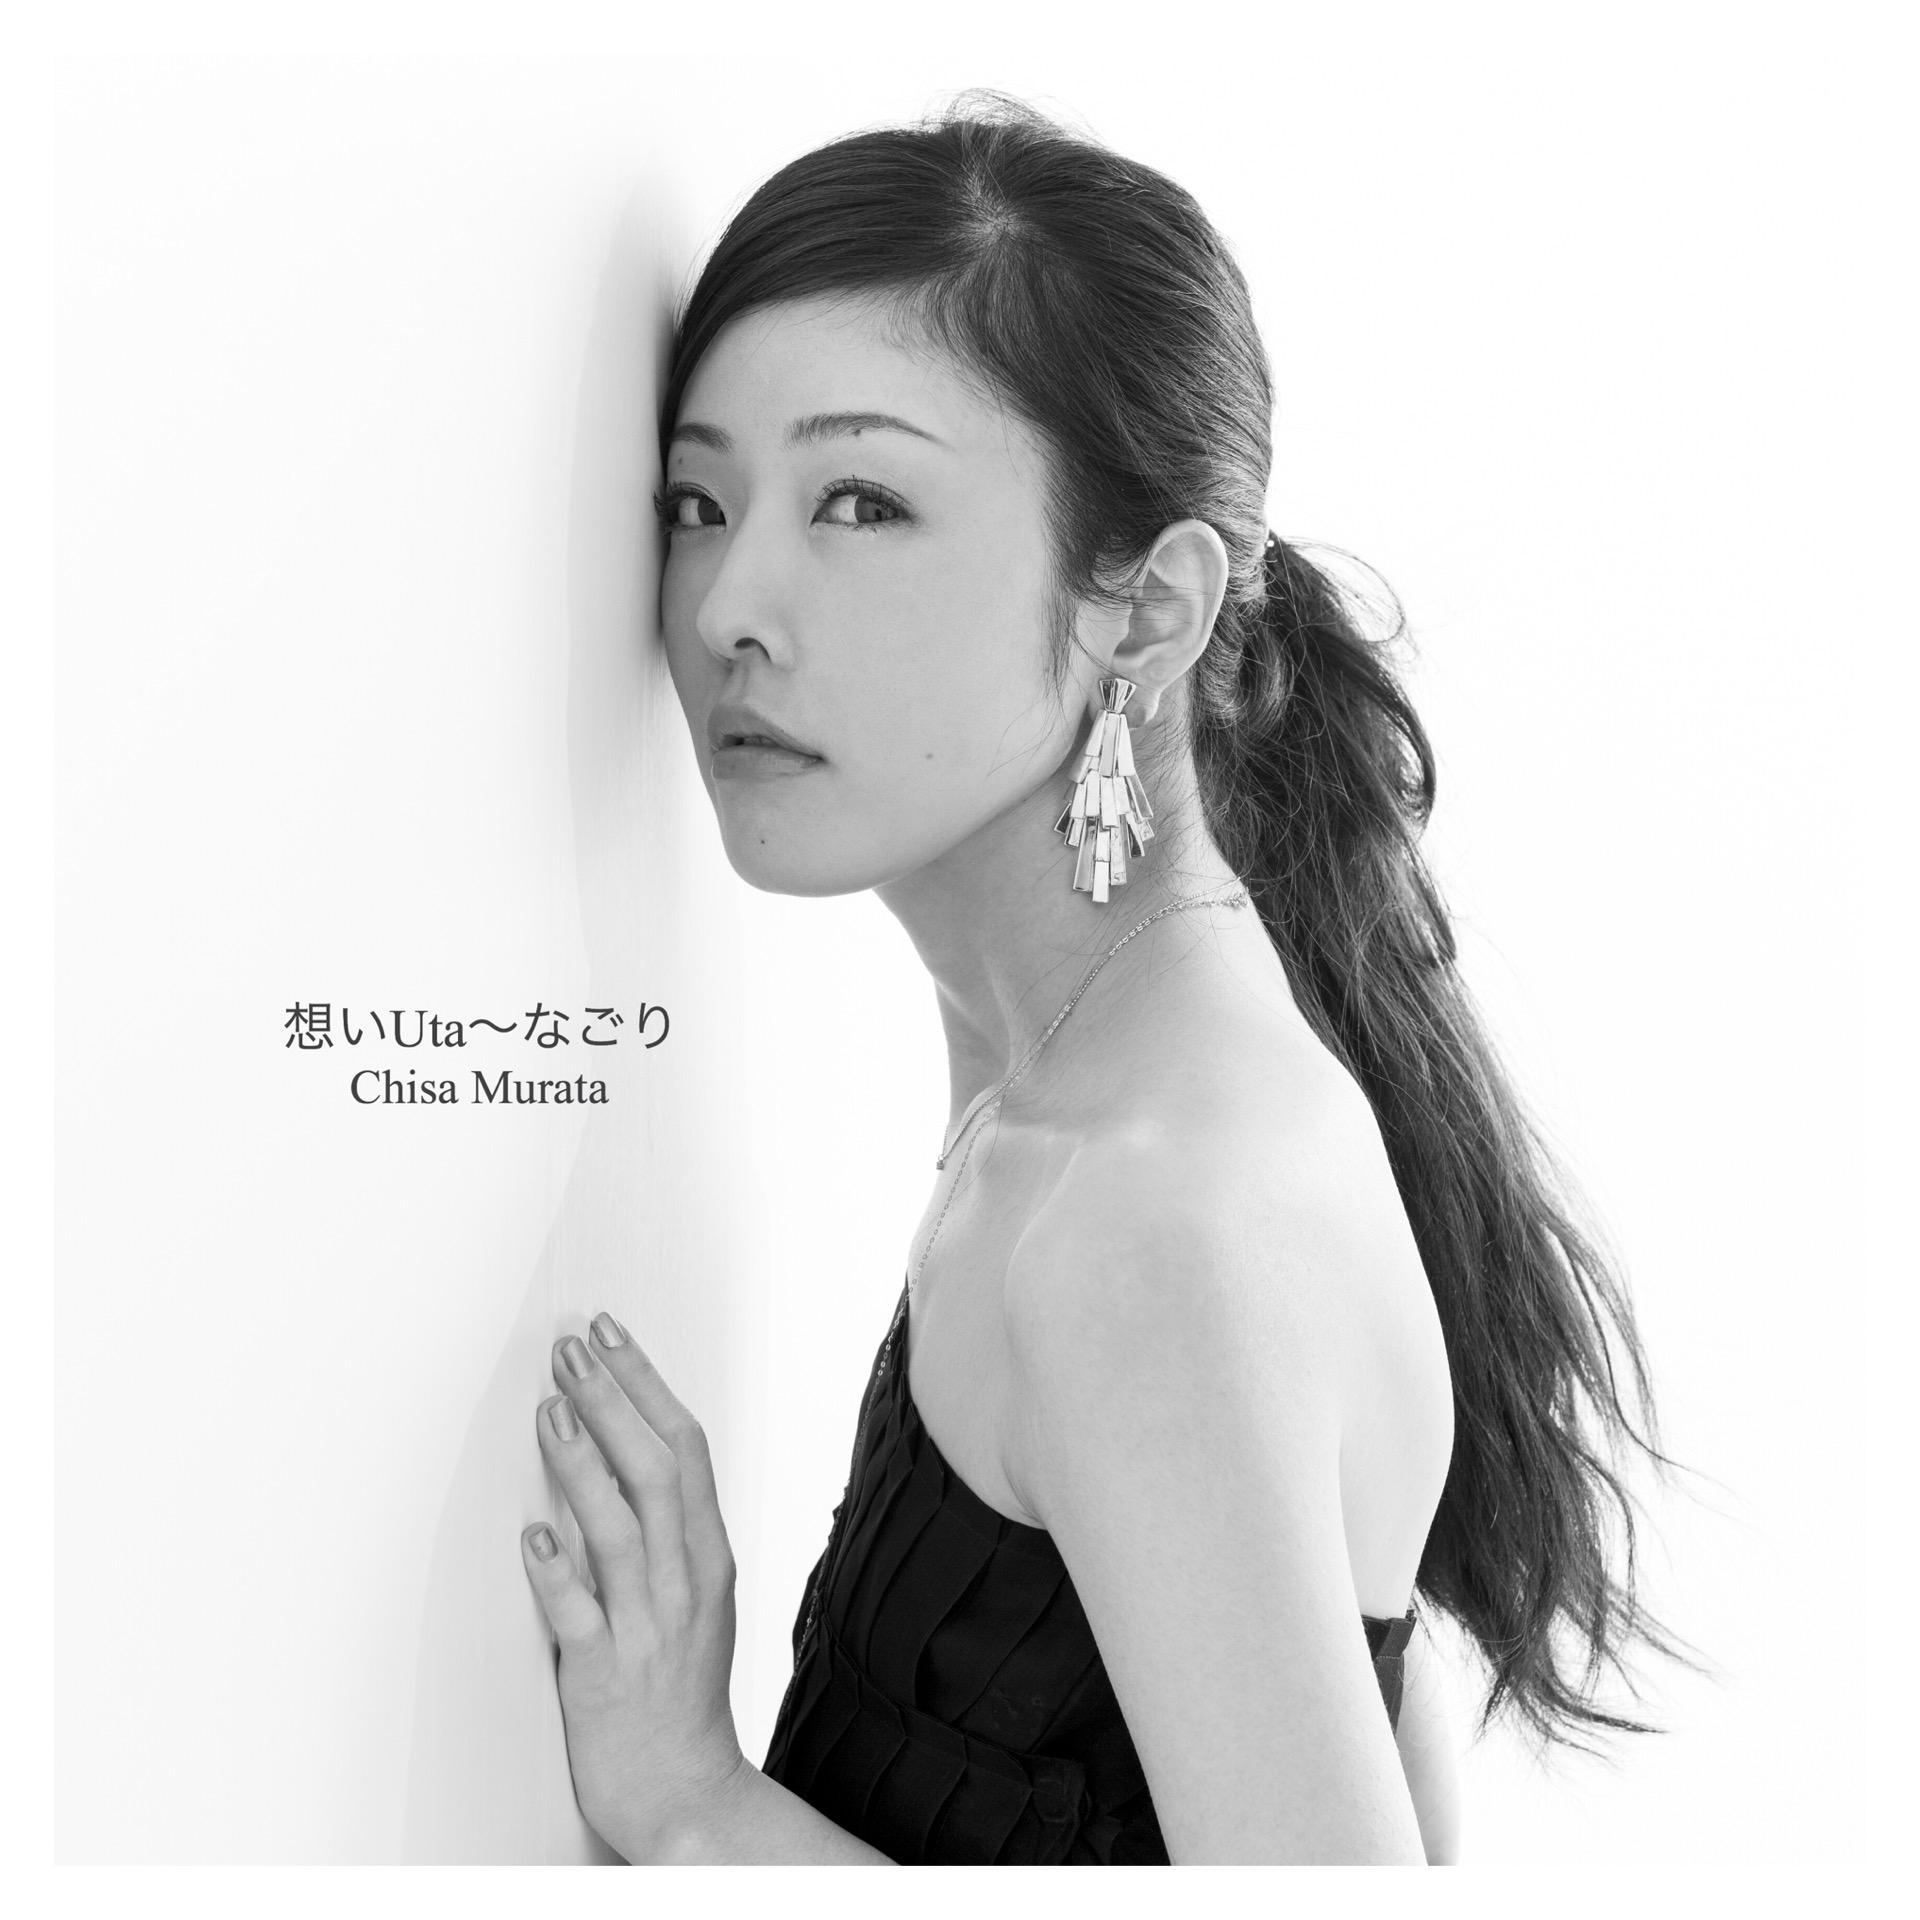 2/1,iTunes.レコチョク【想いUta】〜なごり2004♪配信